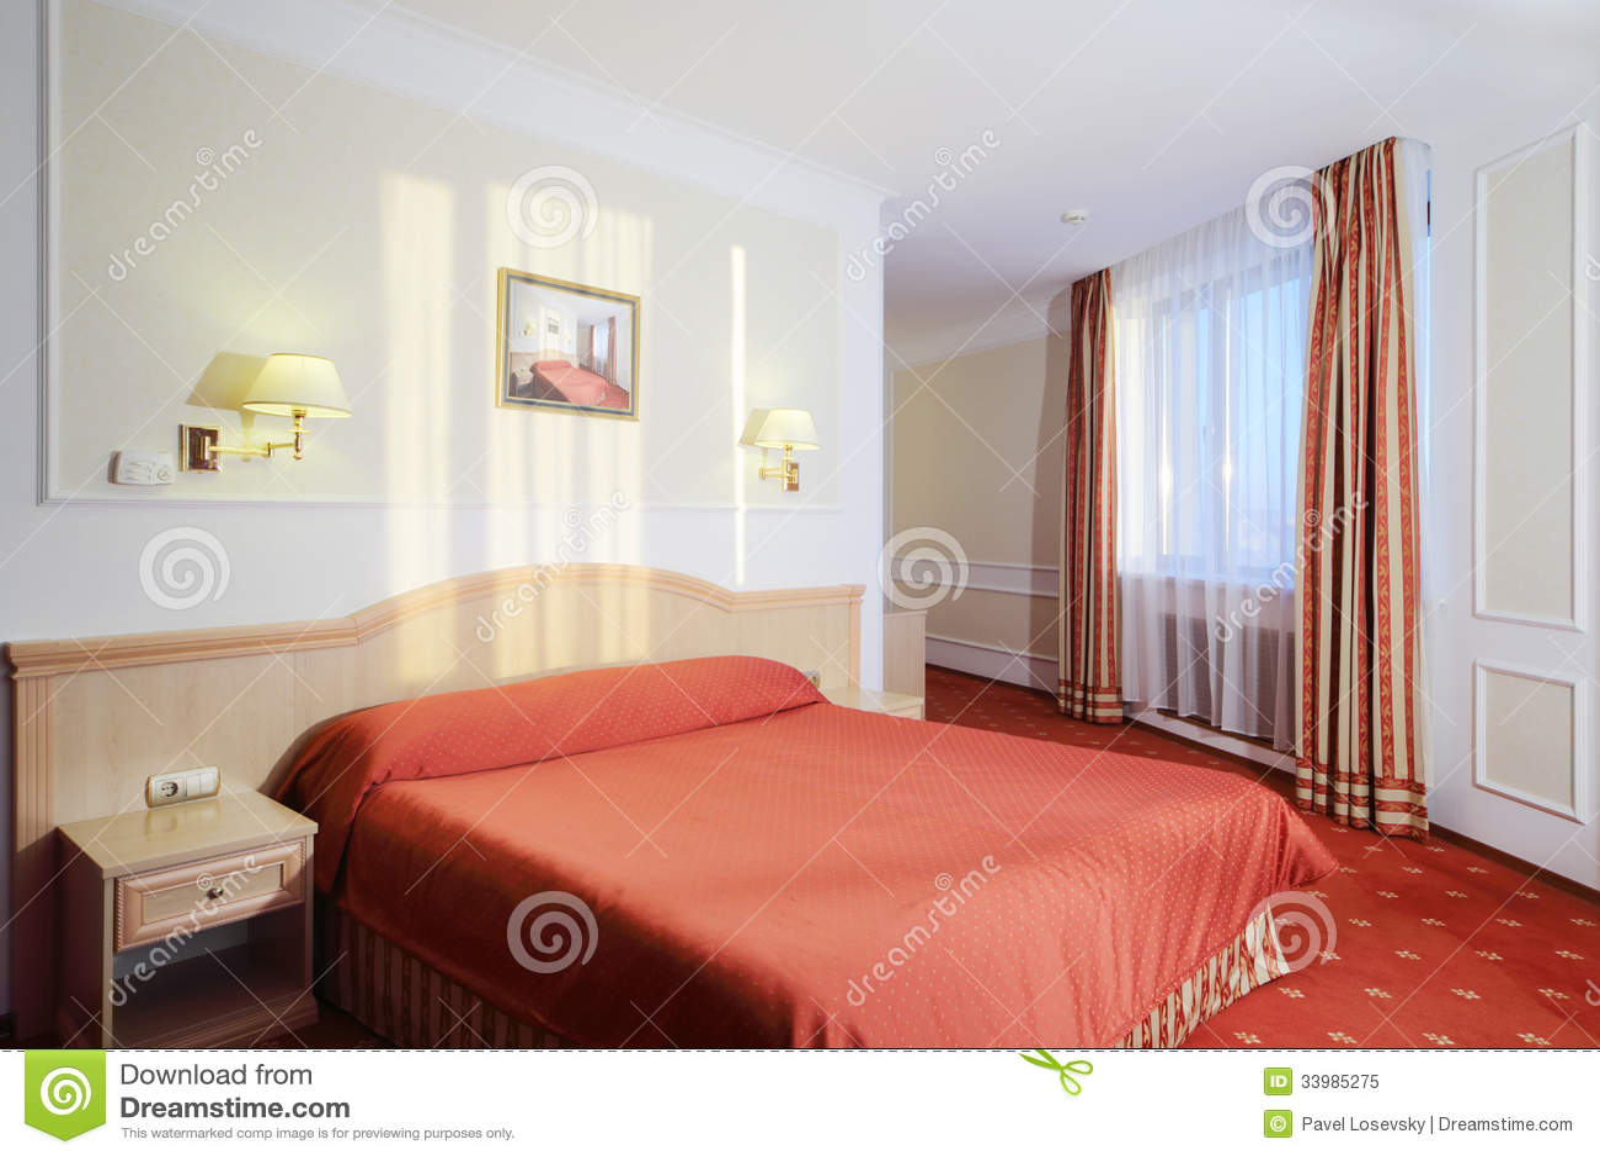 Camera Da Letto Semplice Con Letto Matrimoniale Con Tela Rossa, Tappeto Rosso...